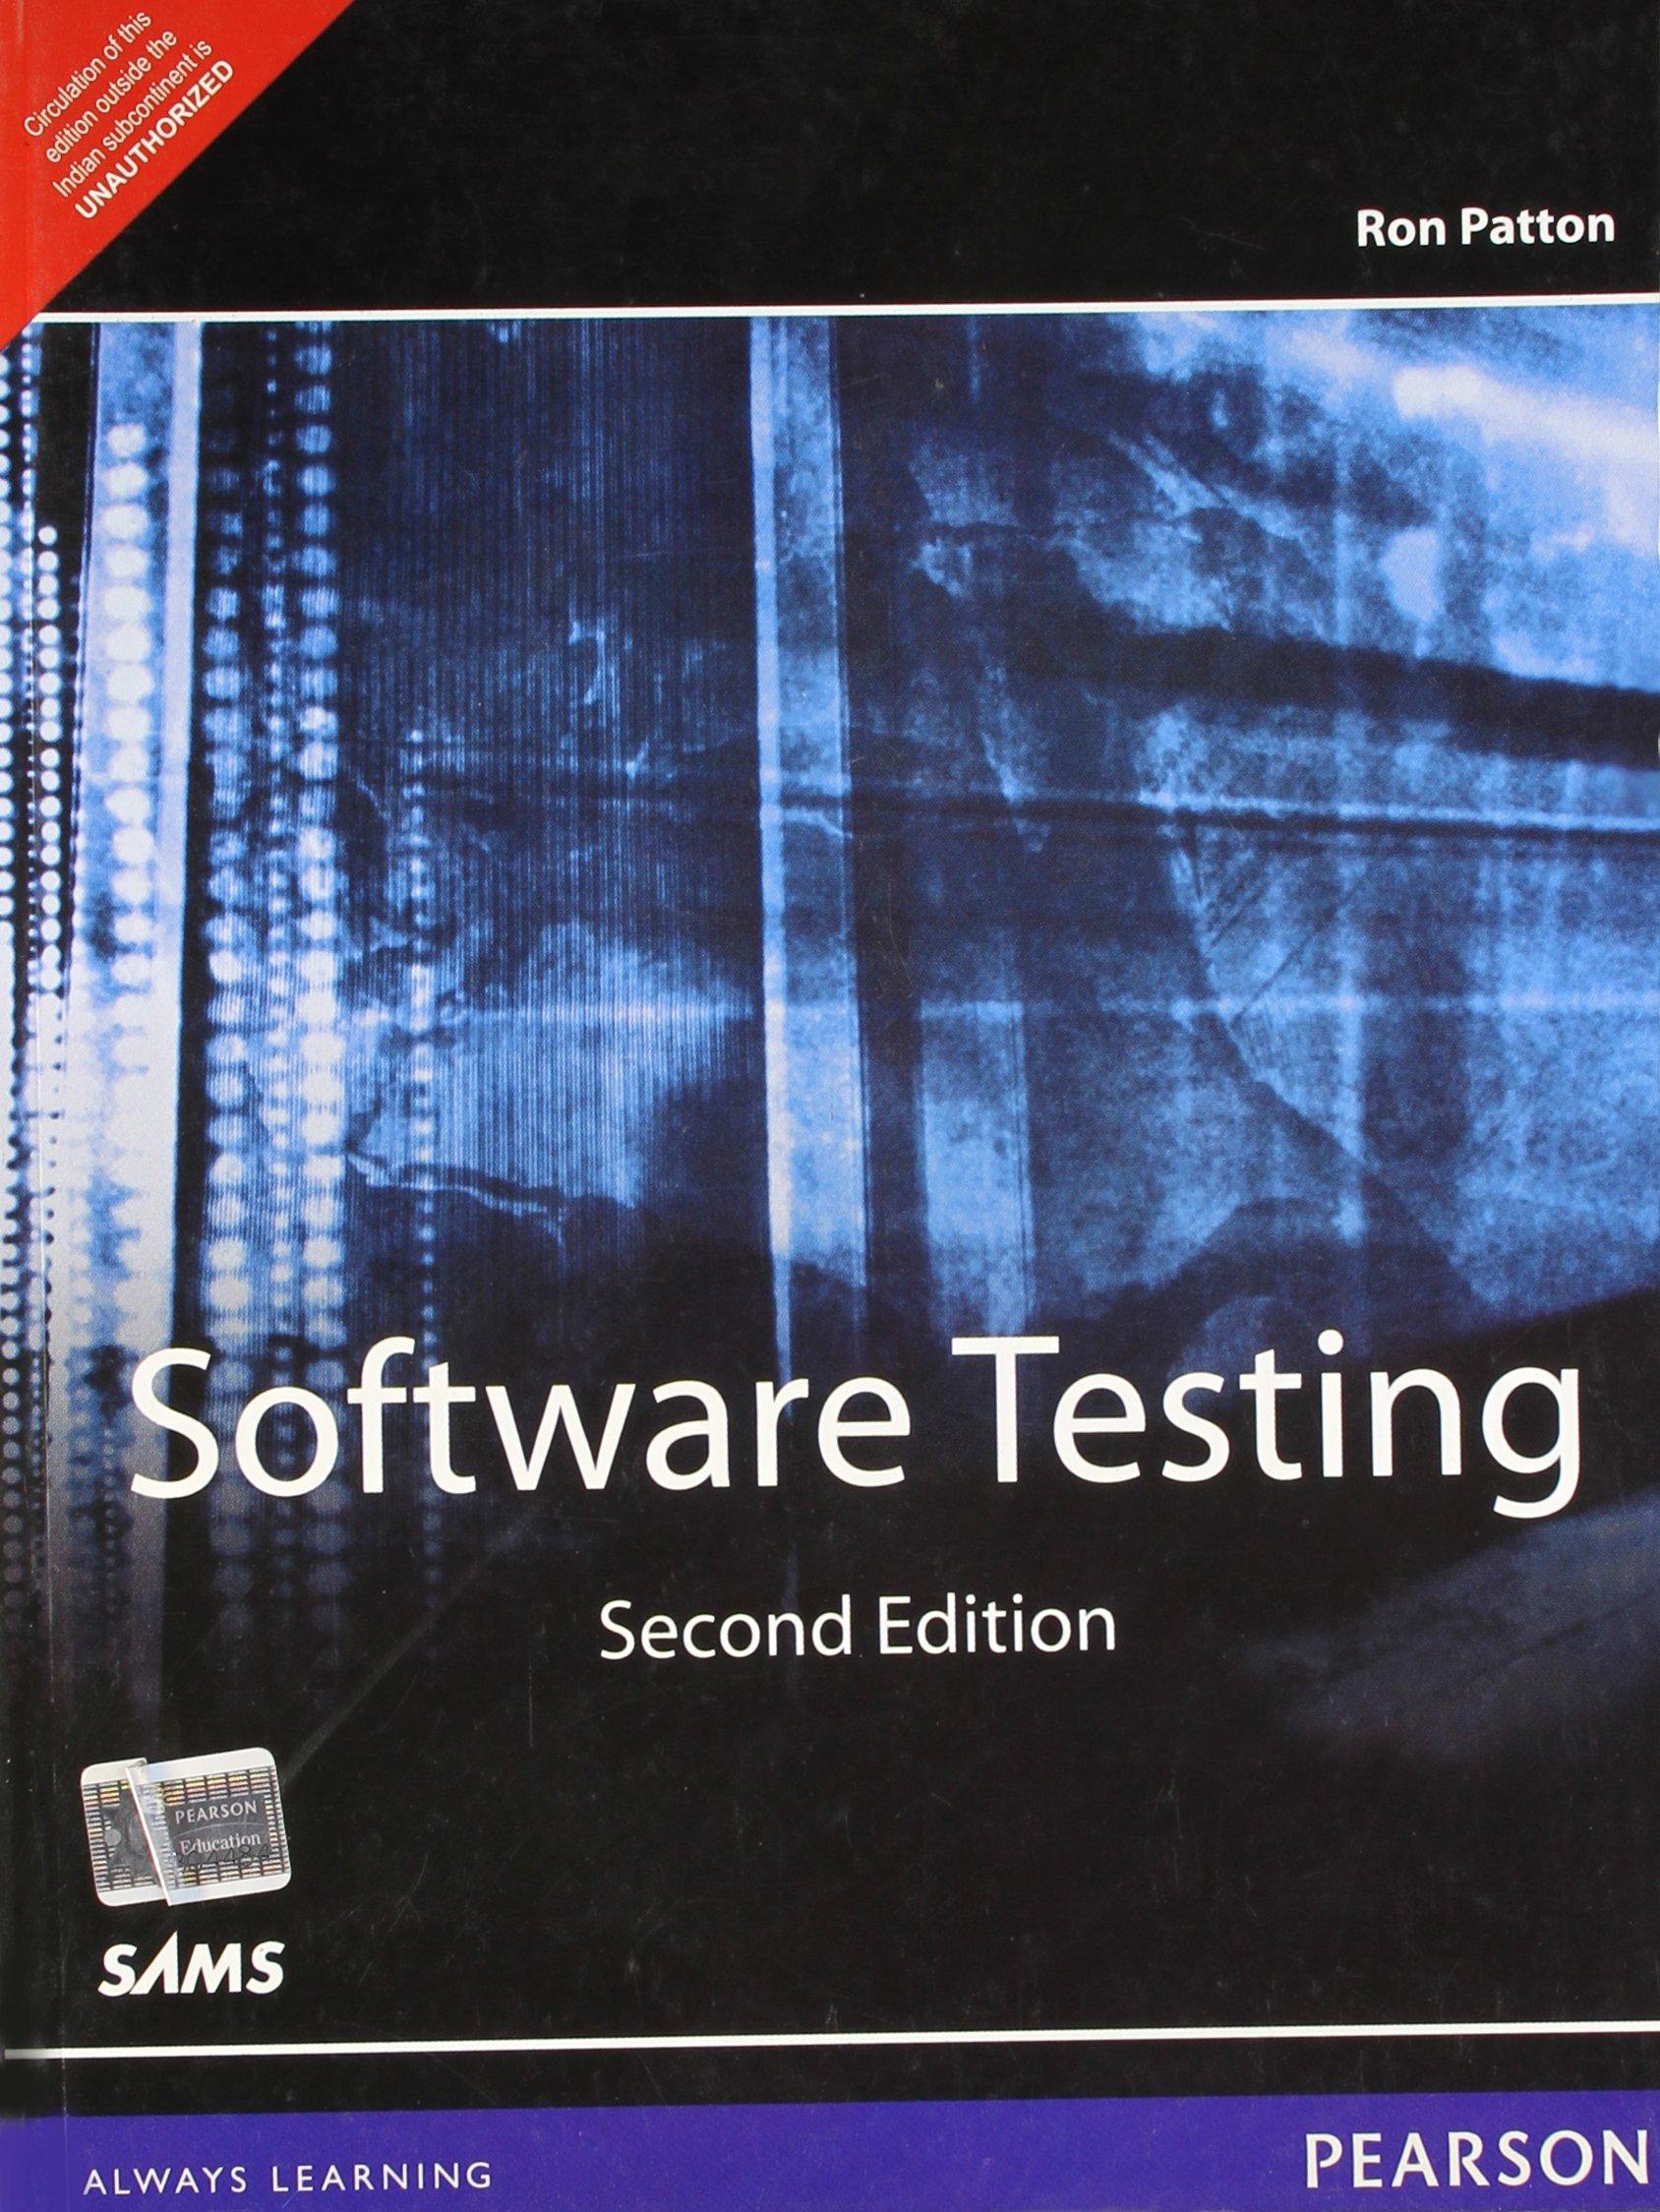 ТОП-15 книг по тестированию программного обеспечения (ПО)